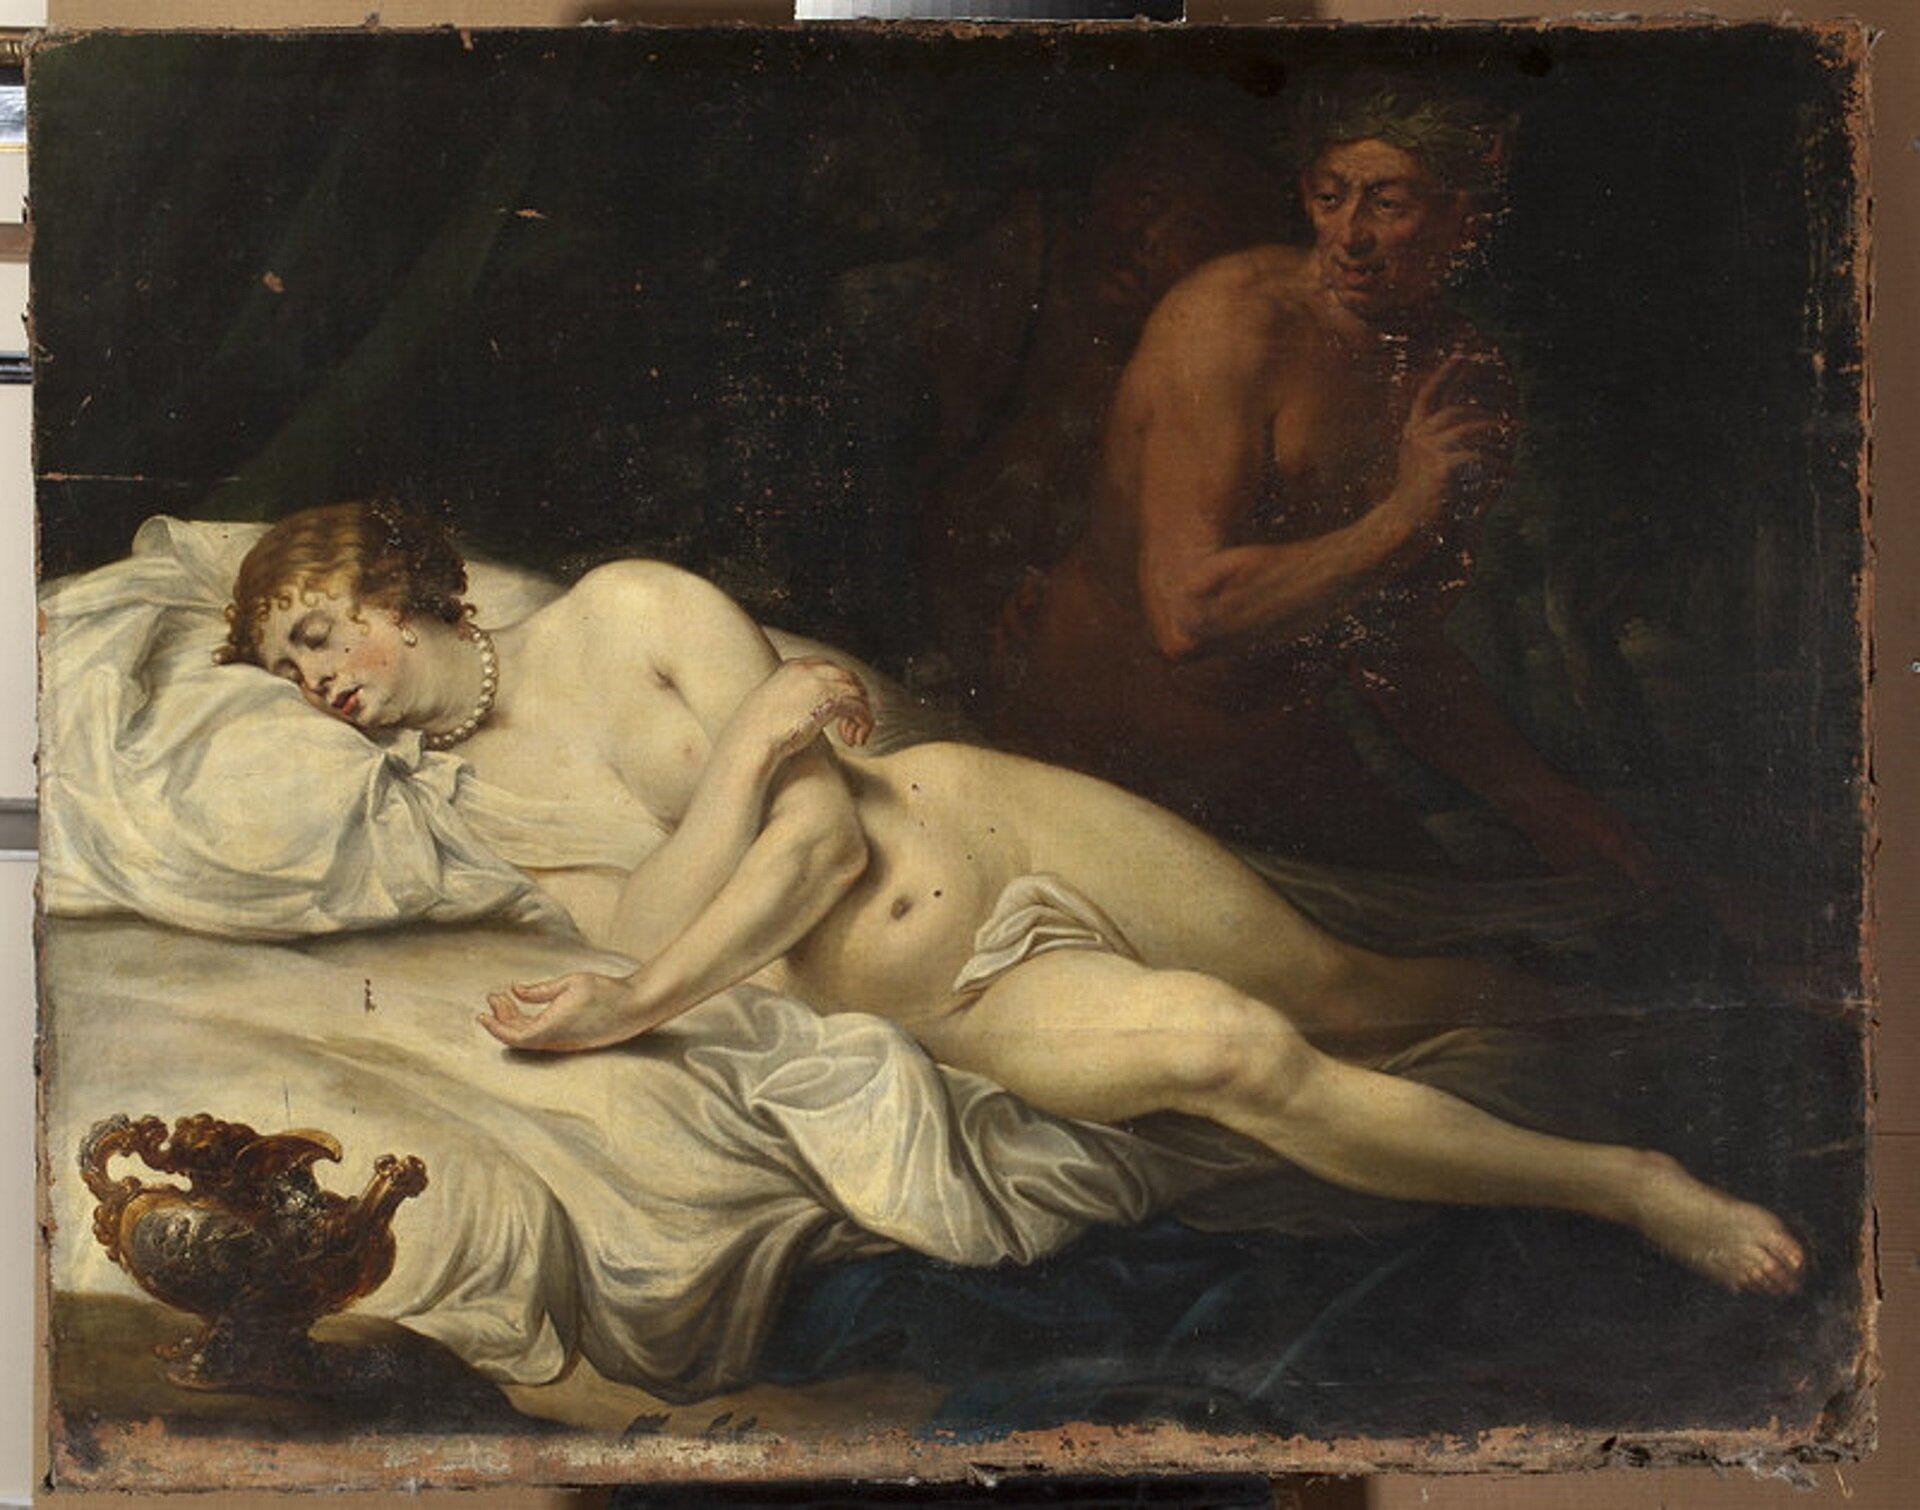 """Ilustracja przedstawia obraz nieznanego malarza flamandzkiego """"Śpiąca Wenus zSatyrem"""". Na obrazie widzimy nagą, śpiącą na łóżku kobietę zkoralami na szyi. Ułożona jest na poduszce iudrapowanej pościeli. Wlewym rogu stoi orientalny dzban. Za Wenus czai się Satyr. Spogląda na Wenus. Jego postać ukryta jest wciemności. Tło jest ciemnobrązowe."""